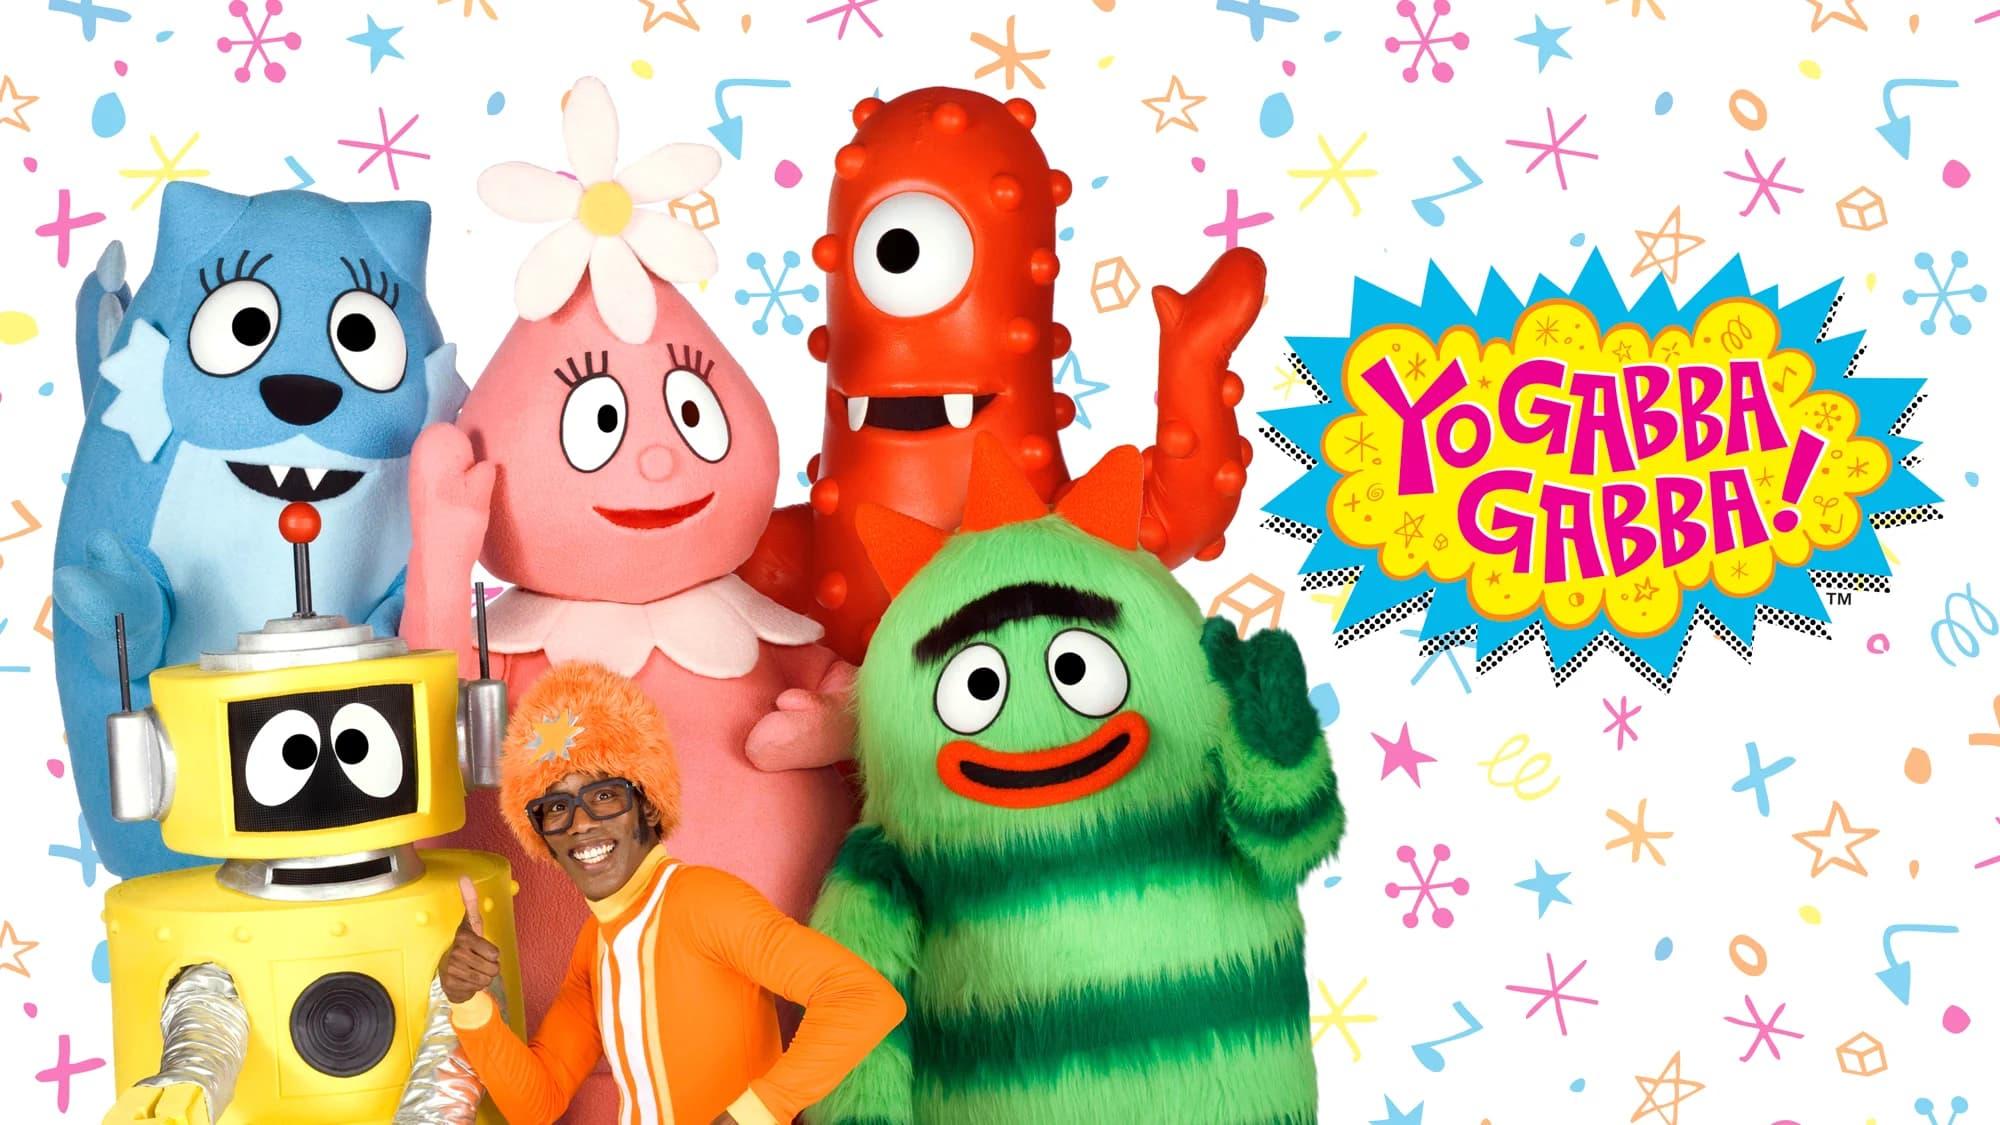 Apple TV+, 'Yo Gabba Gabba'yı satın aldı ve yeni bölümler çekiyor | Engadget